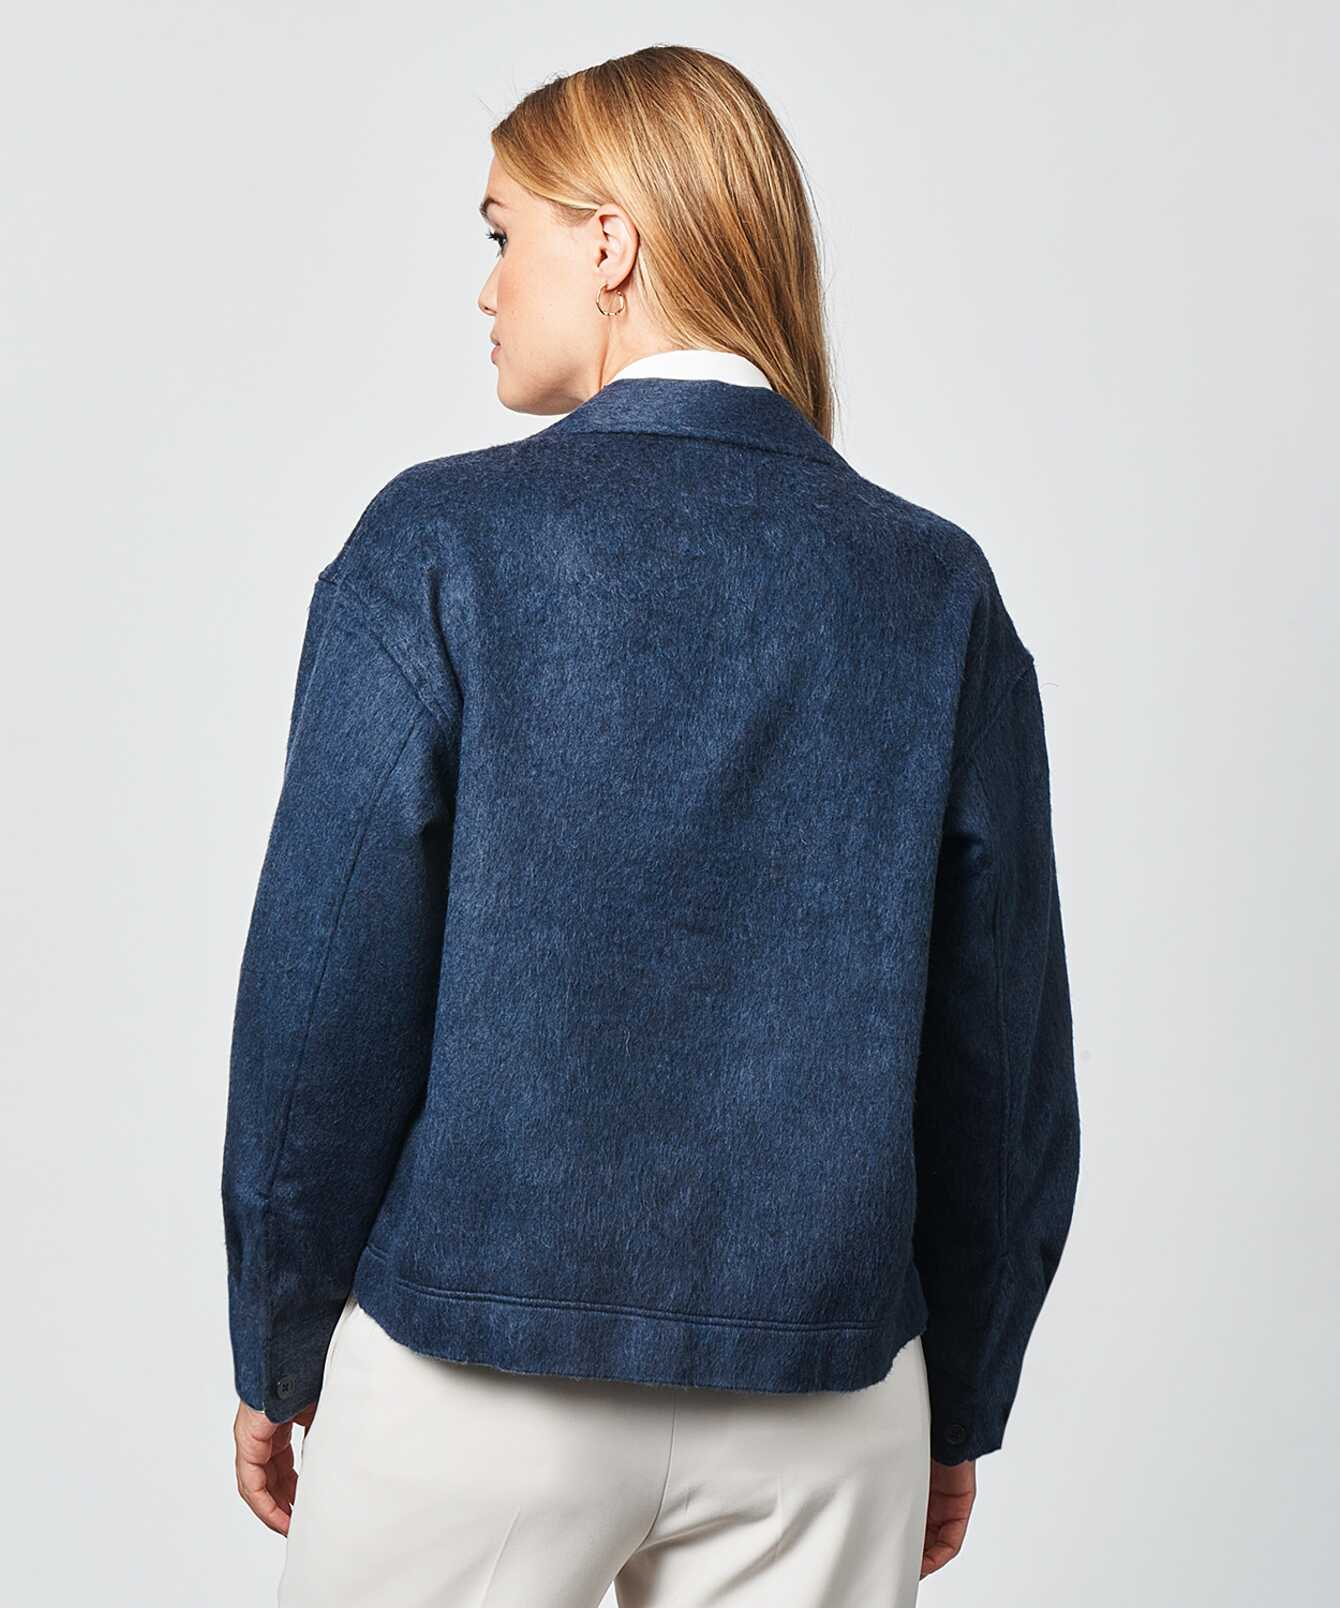 Skjorta Ada Flanell Overshirt Blå The Shirt Factory